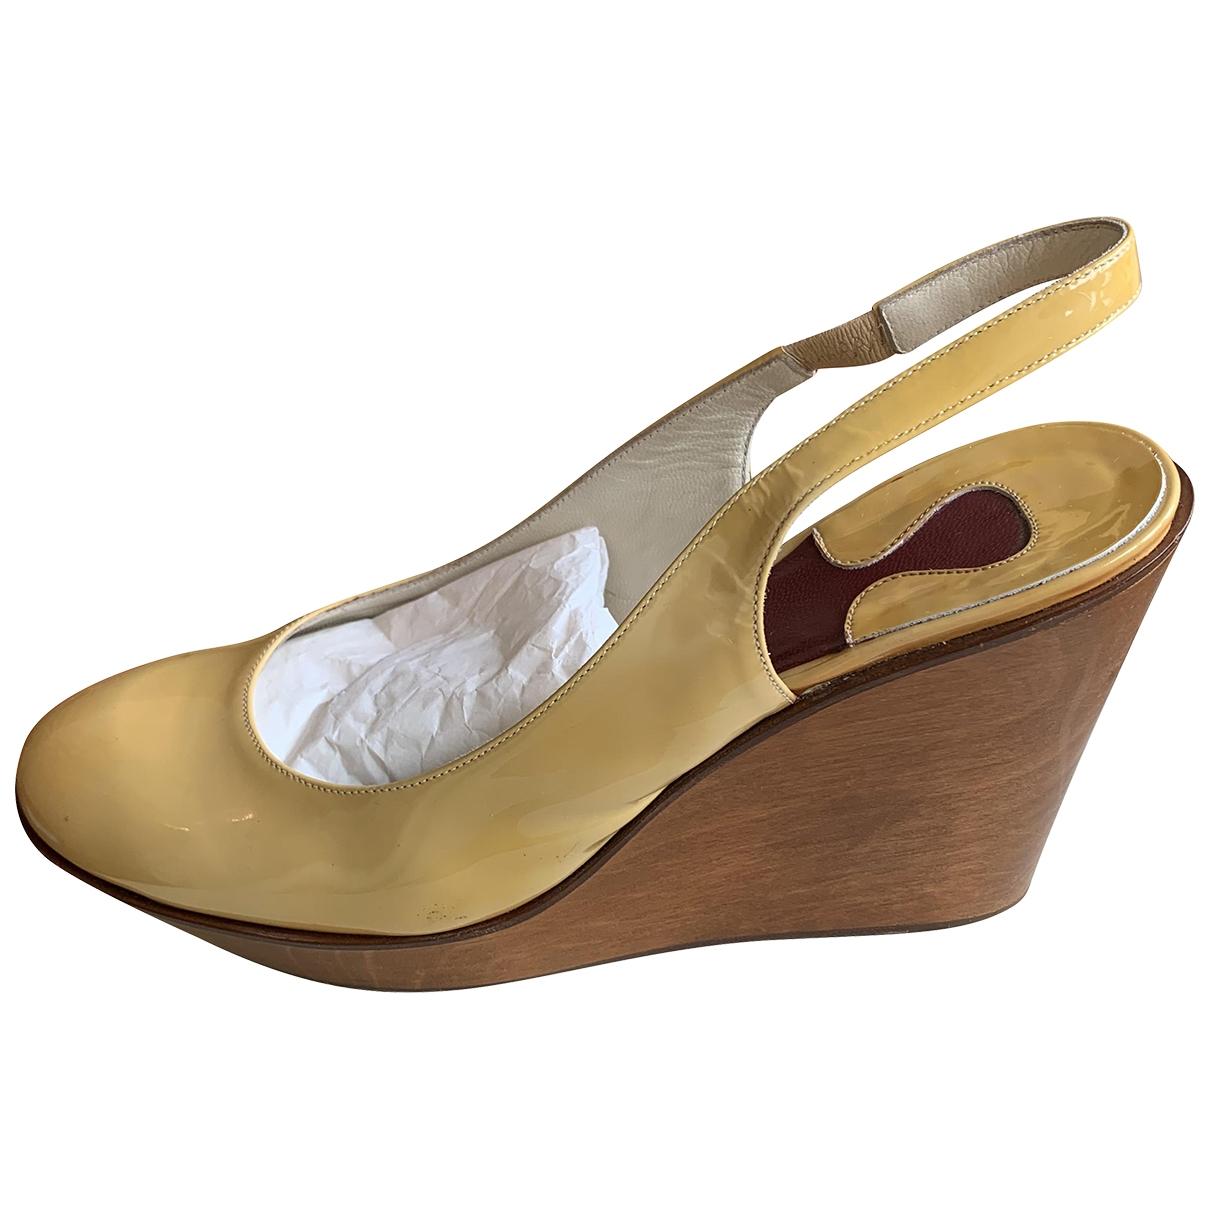 Chloe - Escarpins   pour femme en cuir verni - beige